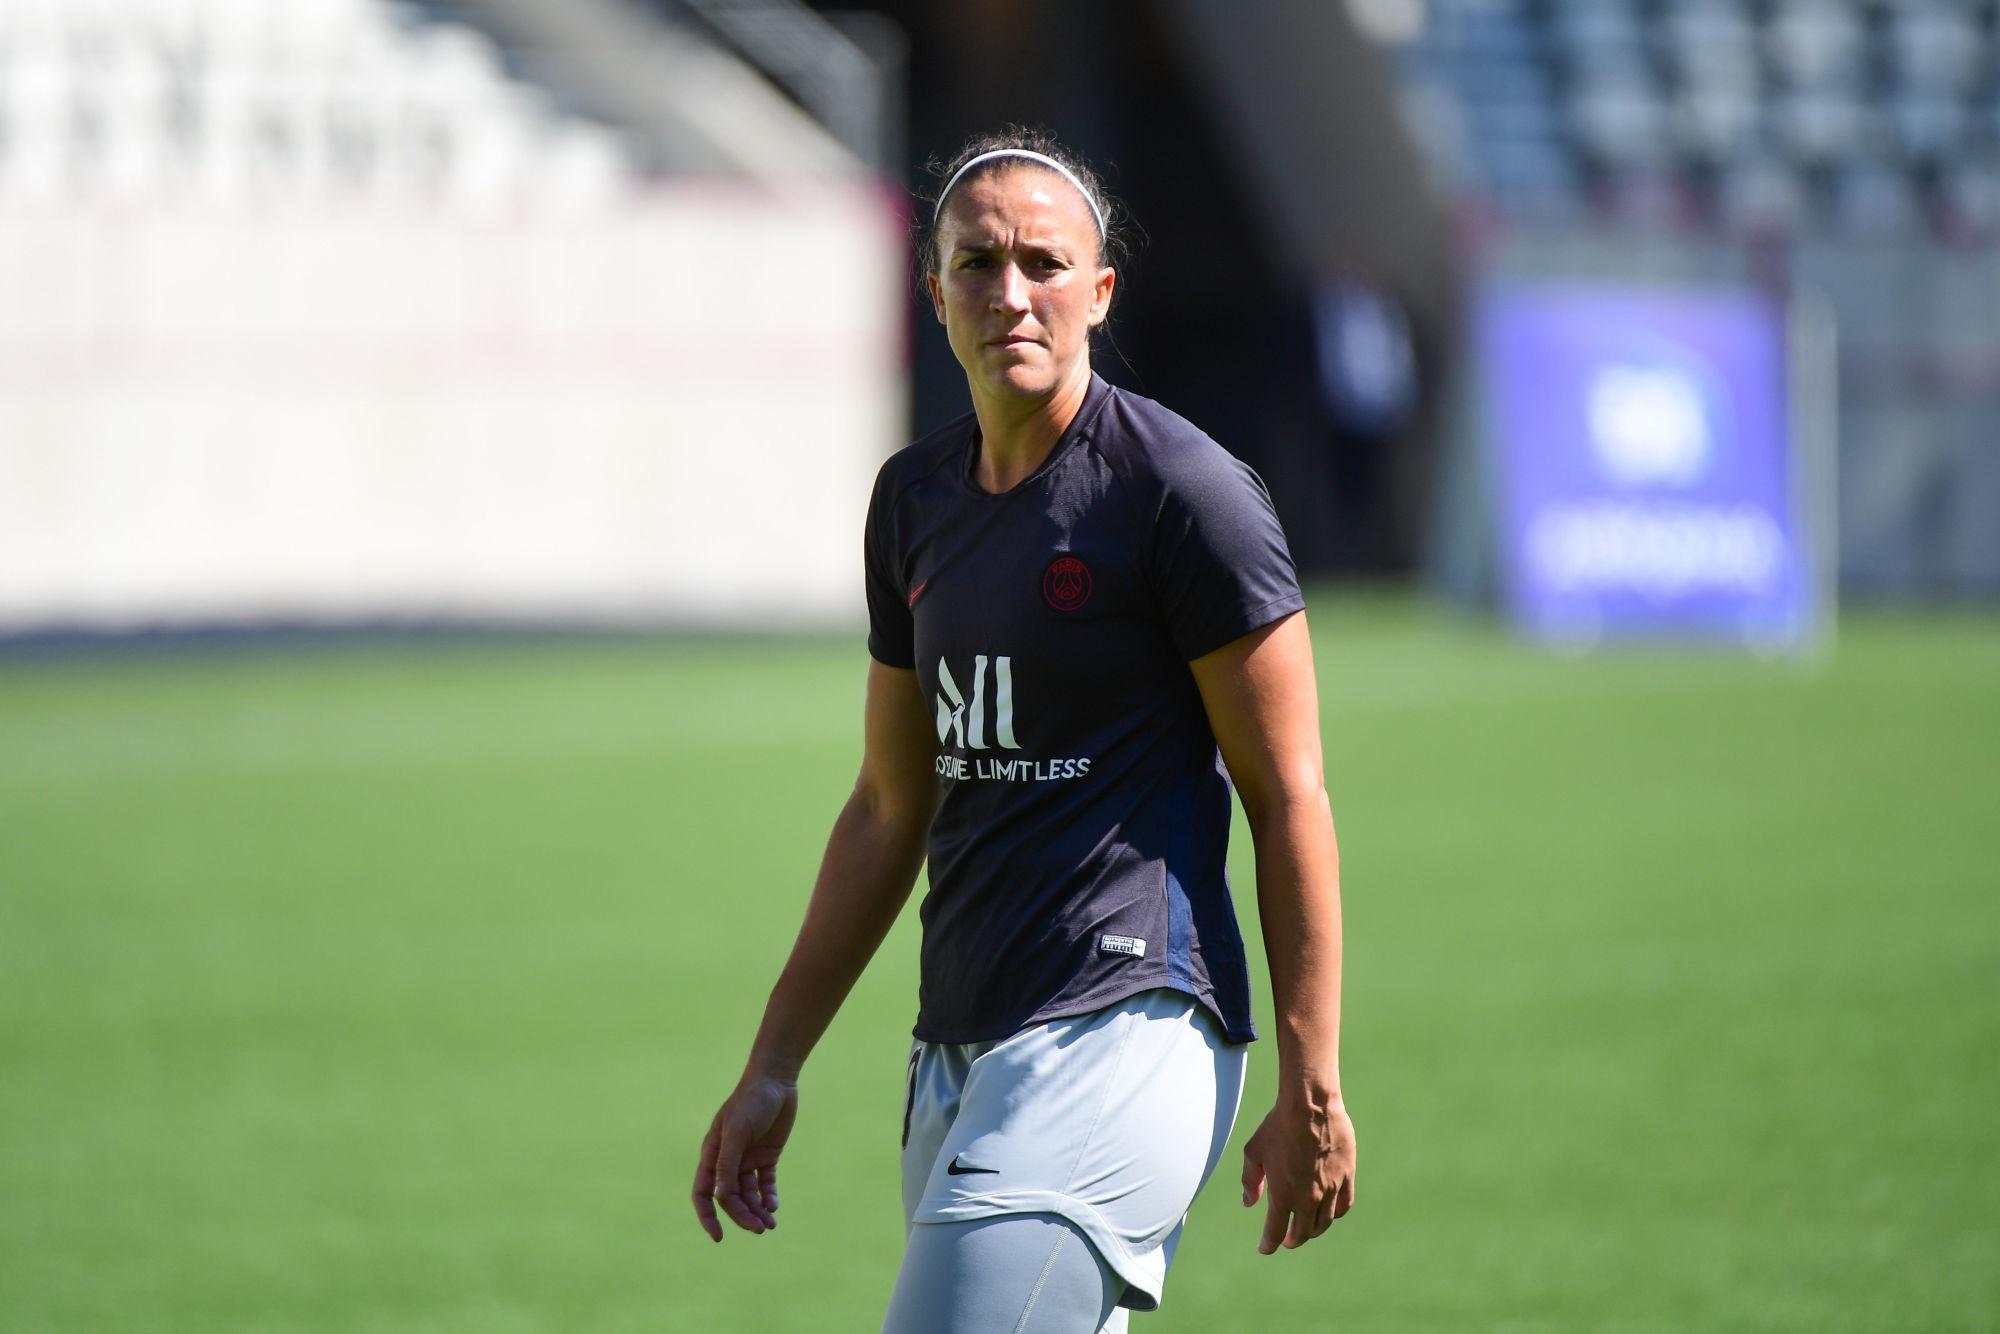 Officiel - Le PSG annonce la prolongation de contrat d'Arianna Criscione